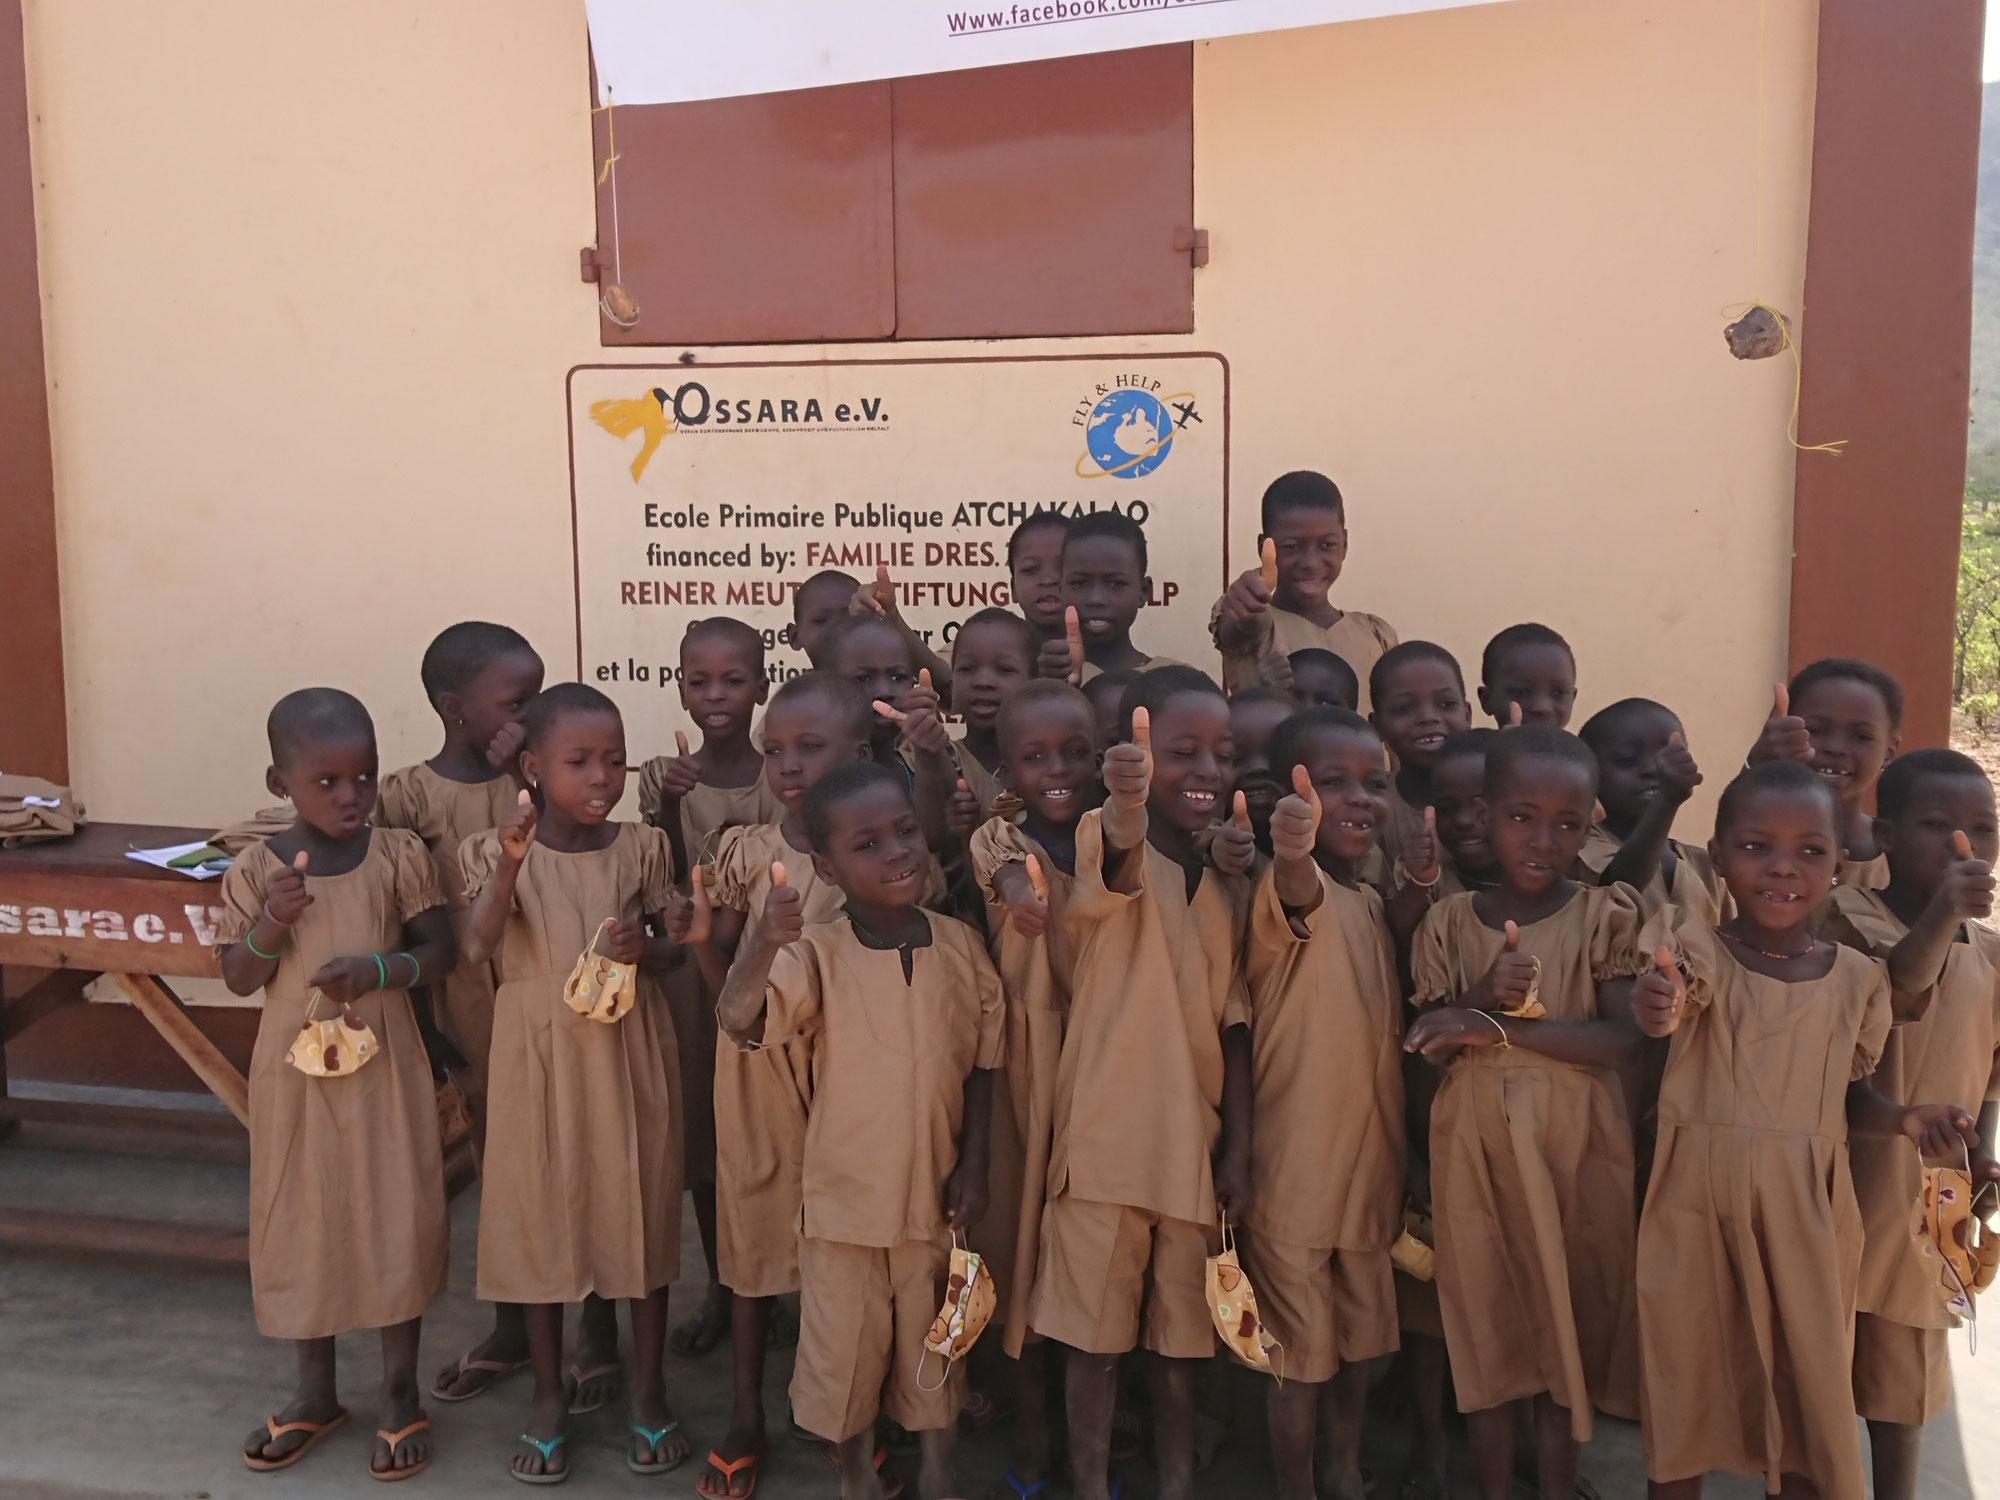 Schuluniformen für Schulkinder in Togo